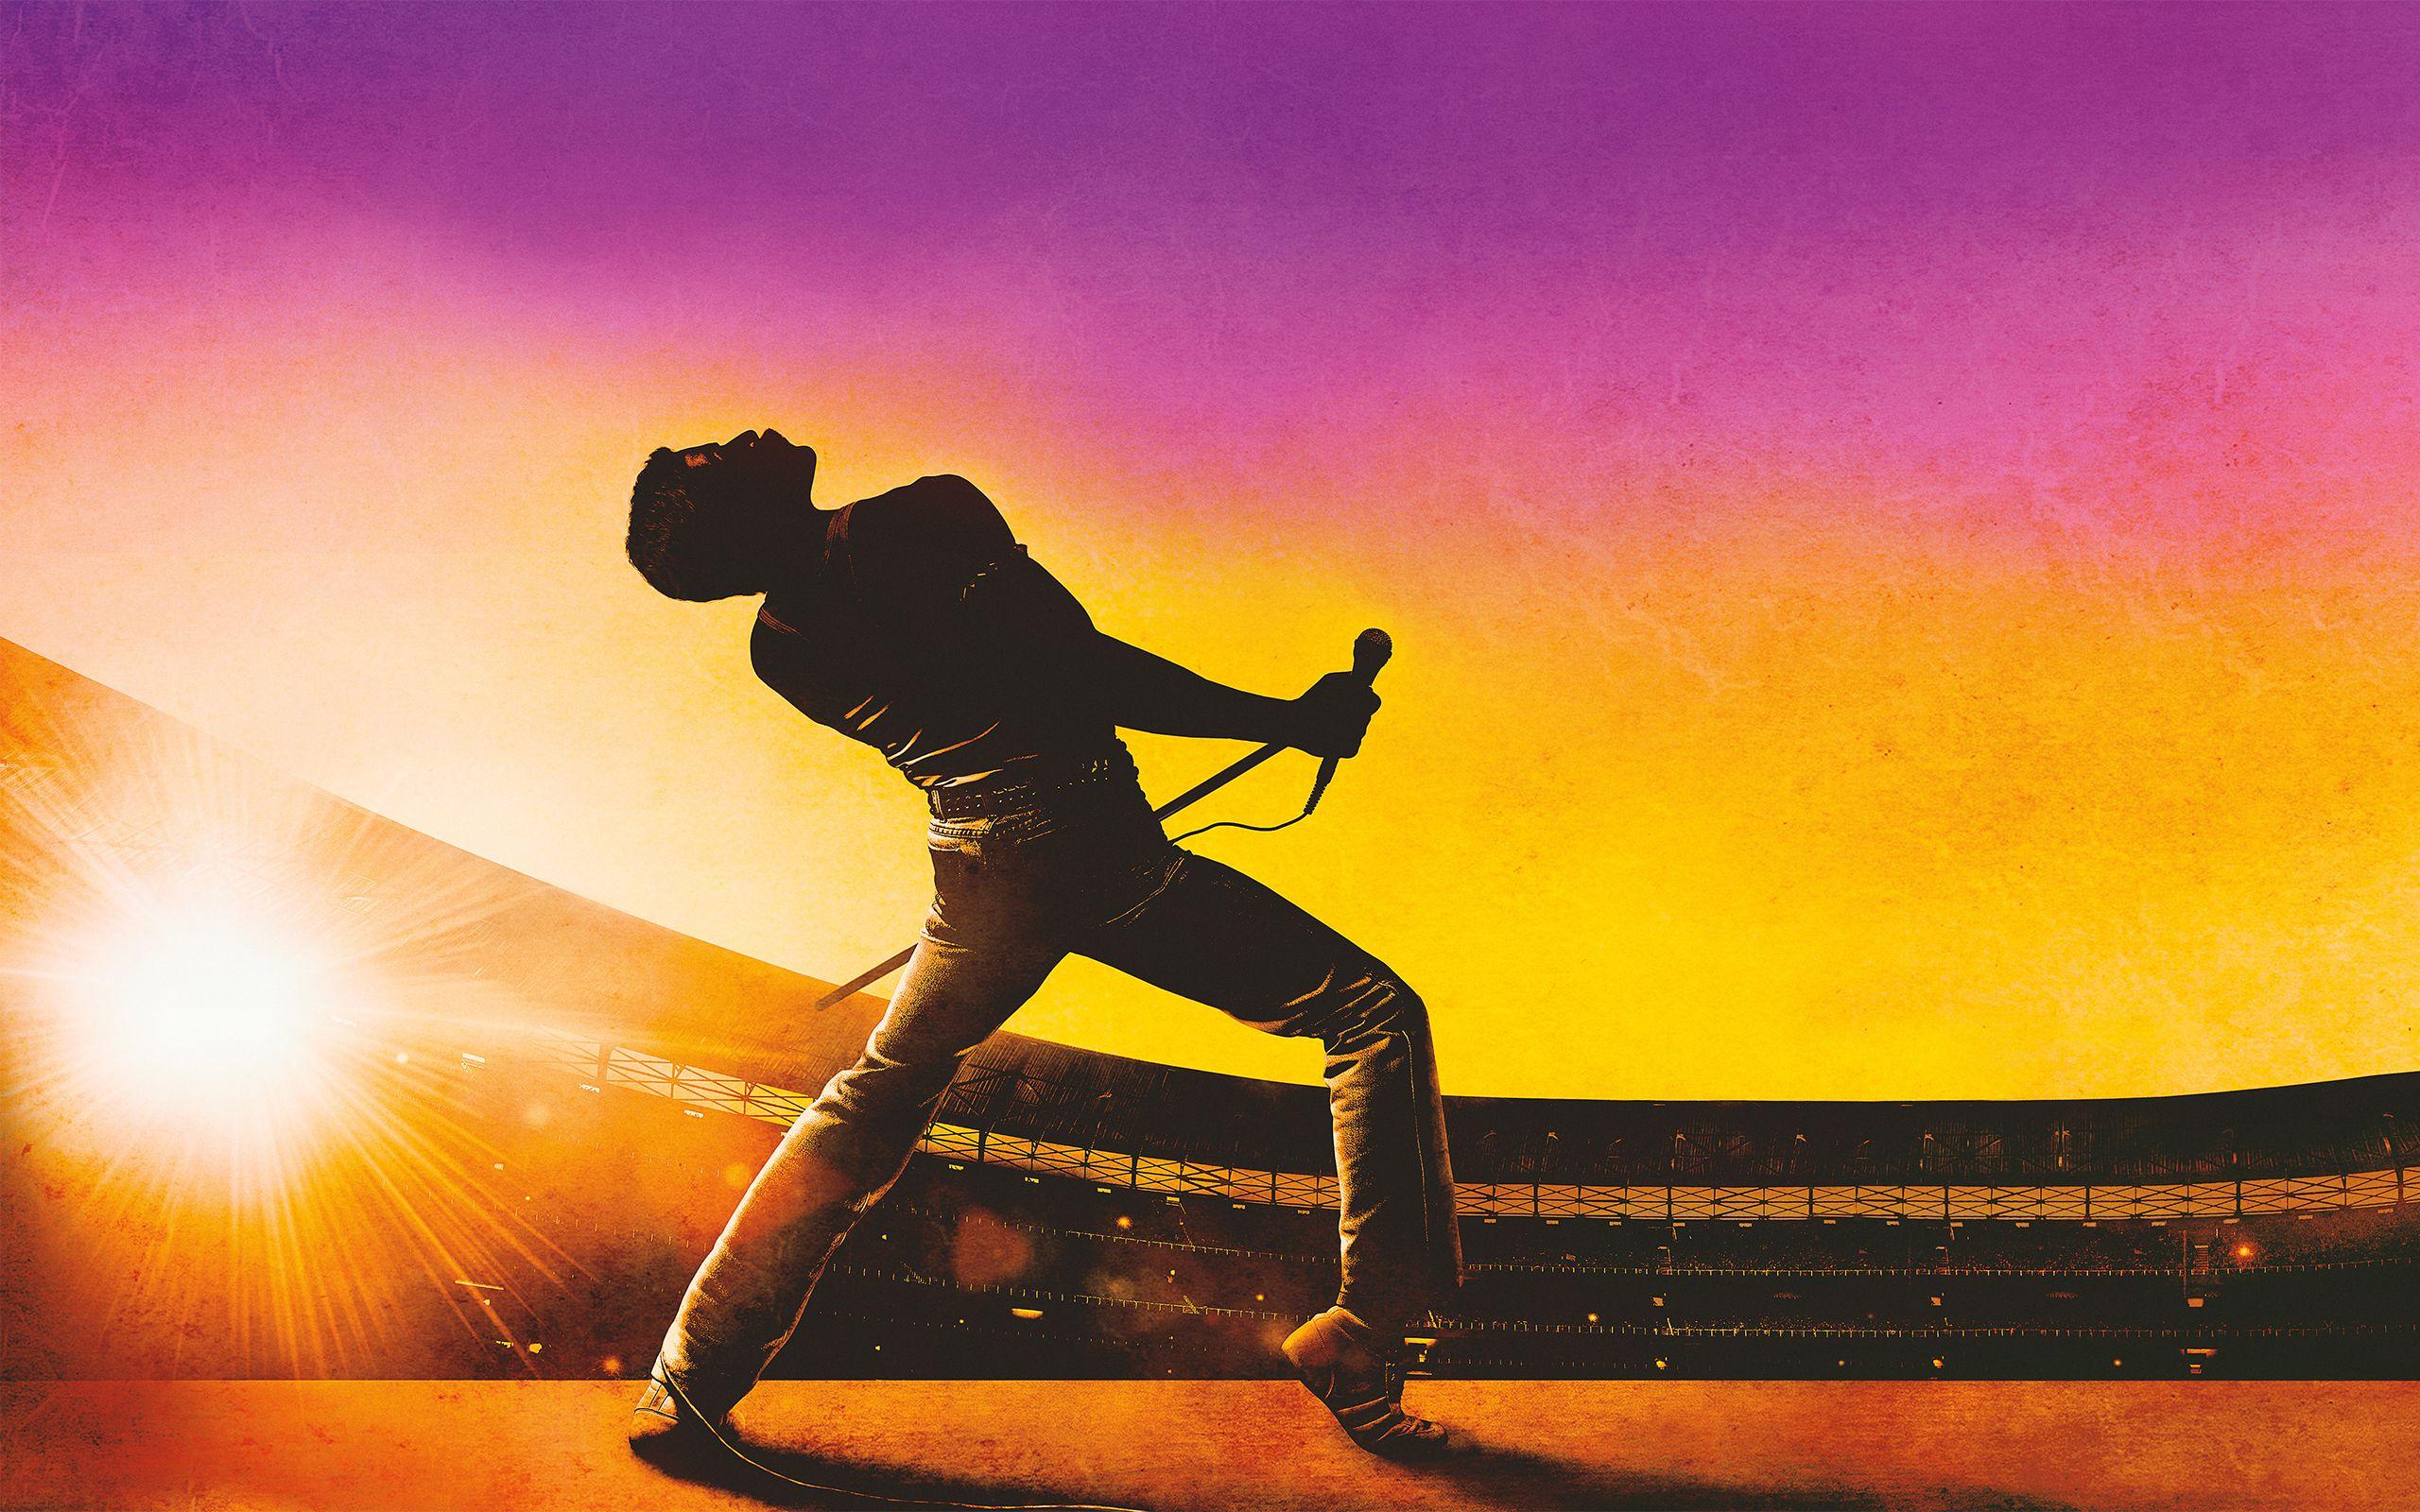 2560x1600 Hq Definition Wallpaper Desktop Queen Queens Wallpaper Freddie Mercury Typography Wallpaper